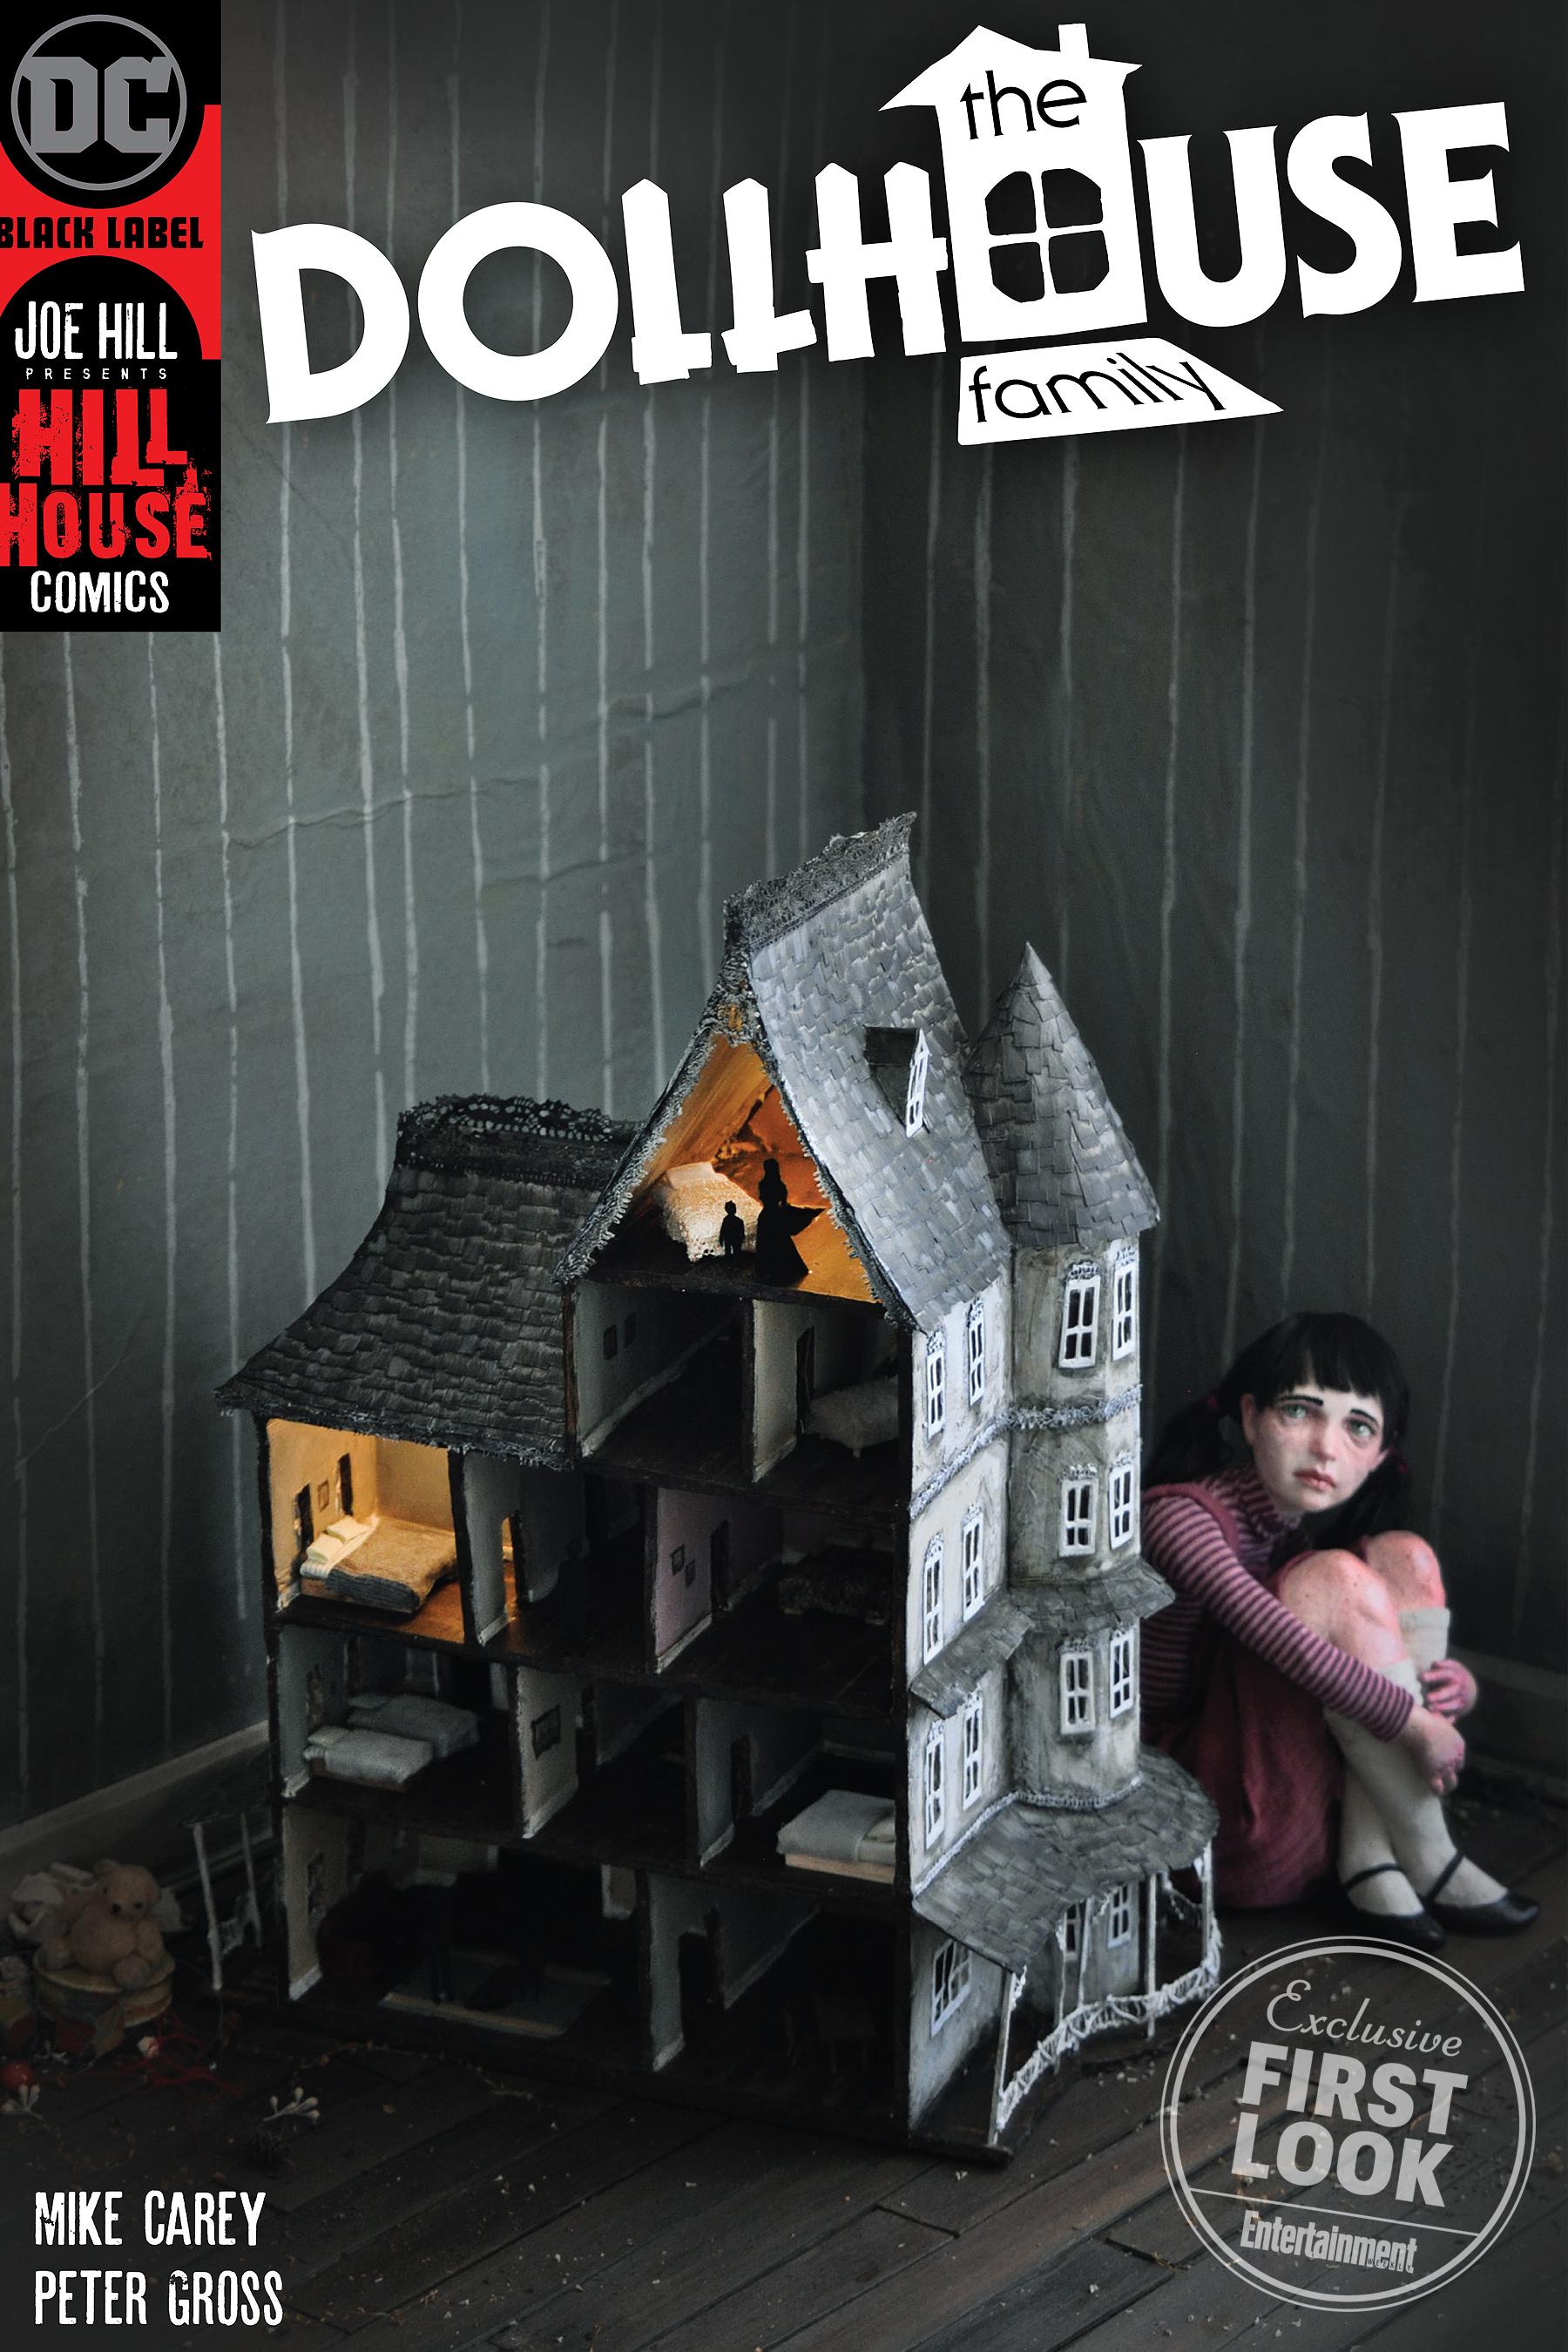 Джо Хилл станет куратором серии хоррор-комиксов DC 1